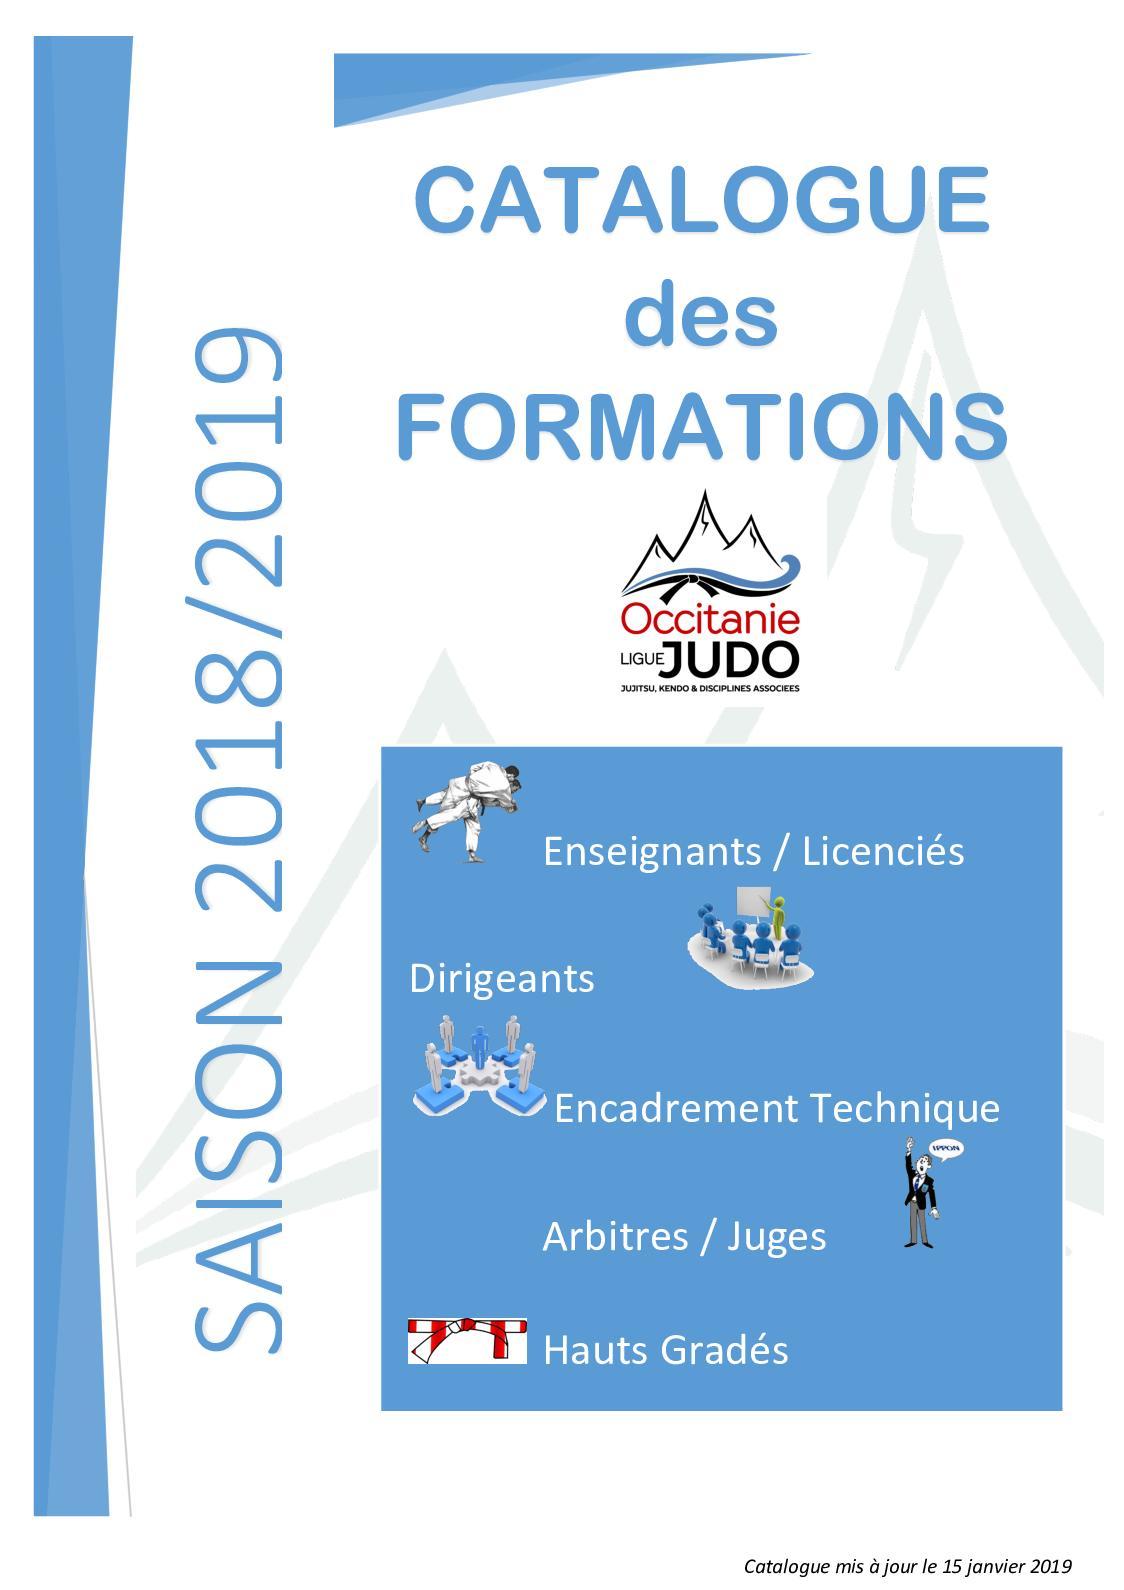 Calaméo Catalogue De Formation 2018 2019 Ligue Occitanie